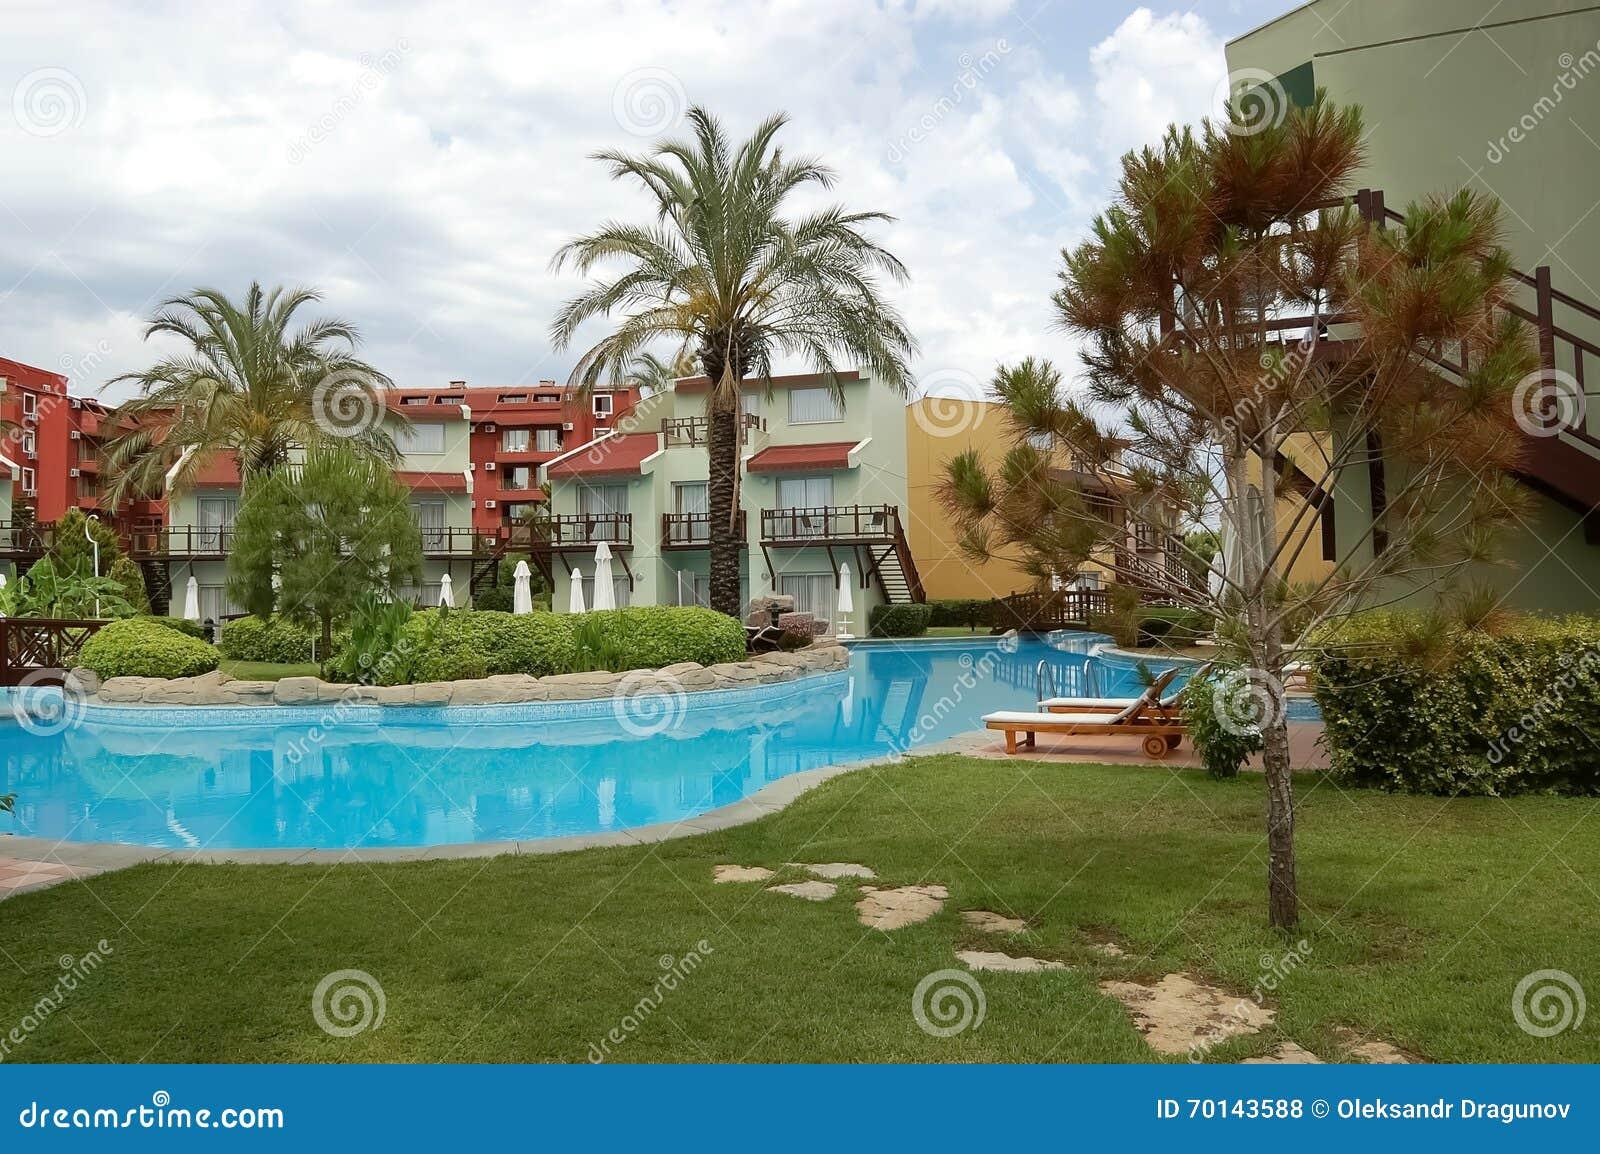 vue des arbres autour de la piscine dans l'hôtel, turquie photo